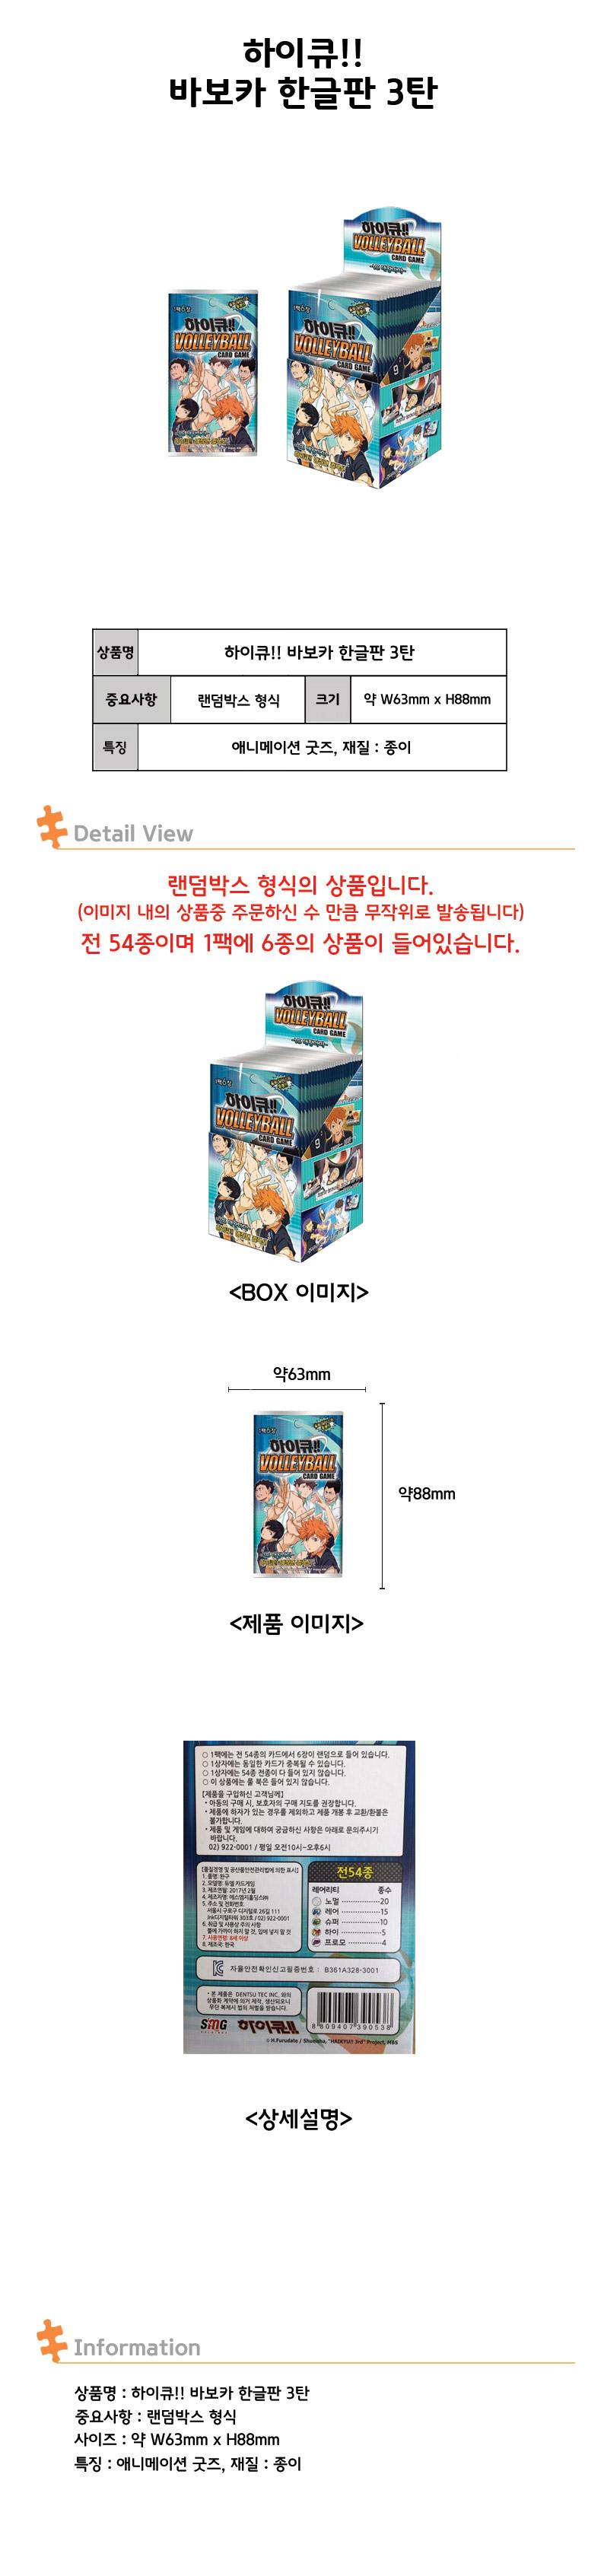 애니굿즈 하이큐 바보카3 한글판버전(랜덤발송) - 퍼즐앤토이, 1,000원, 캐릭터 피규어, 캐릭터 피규어